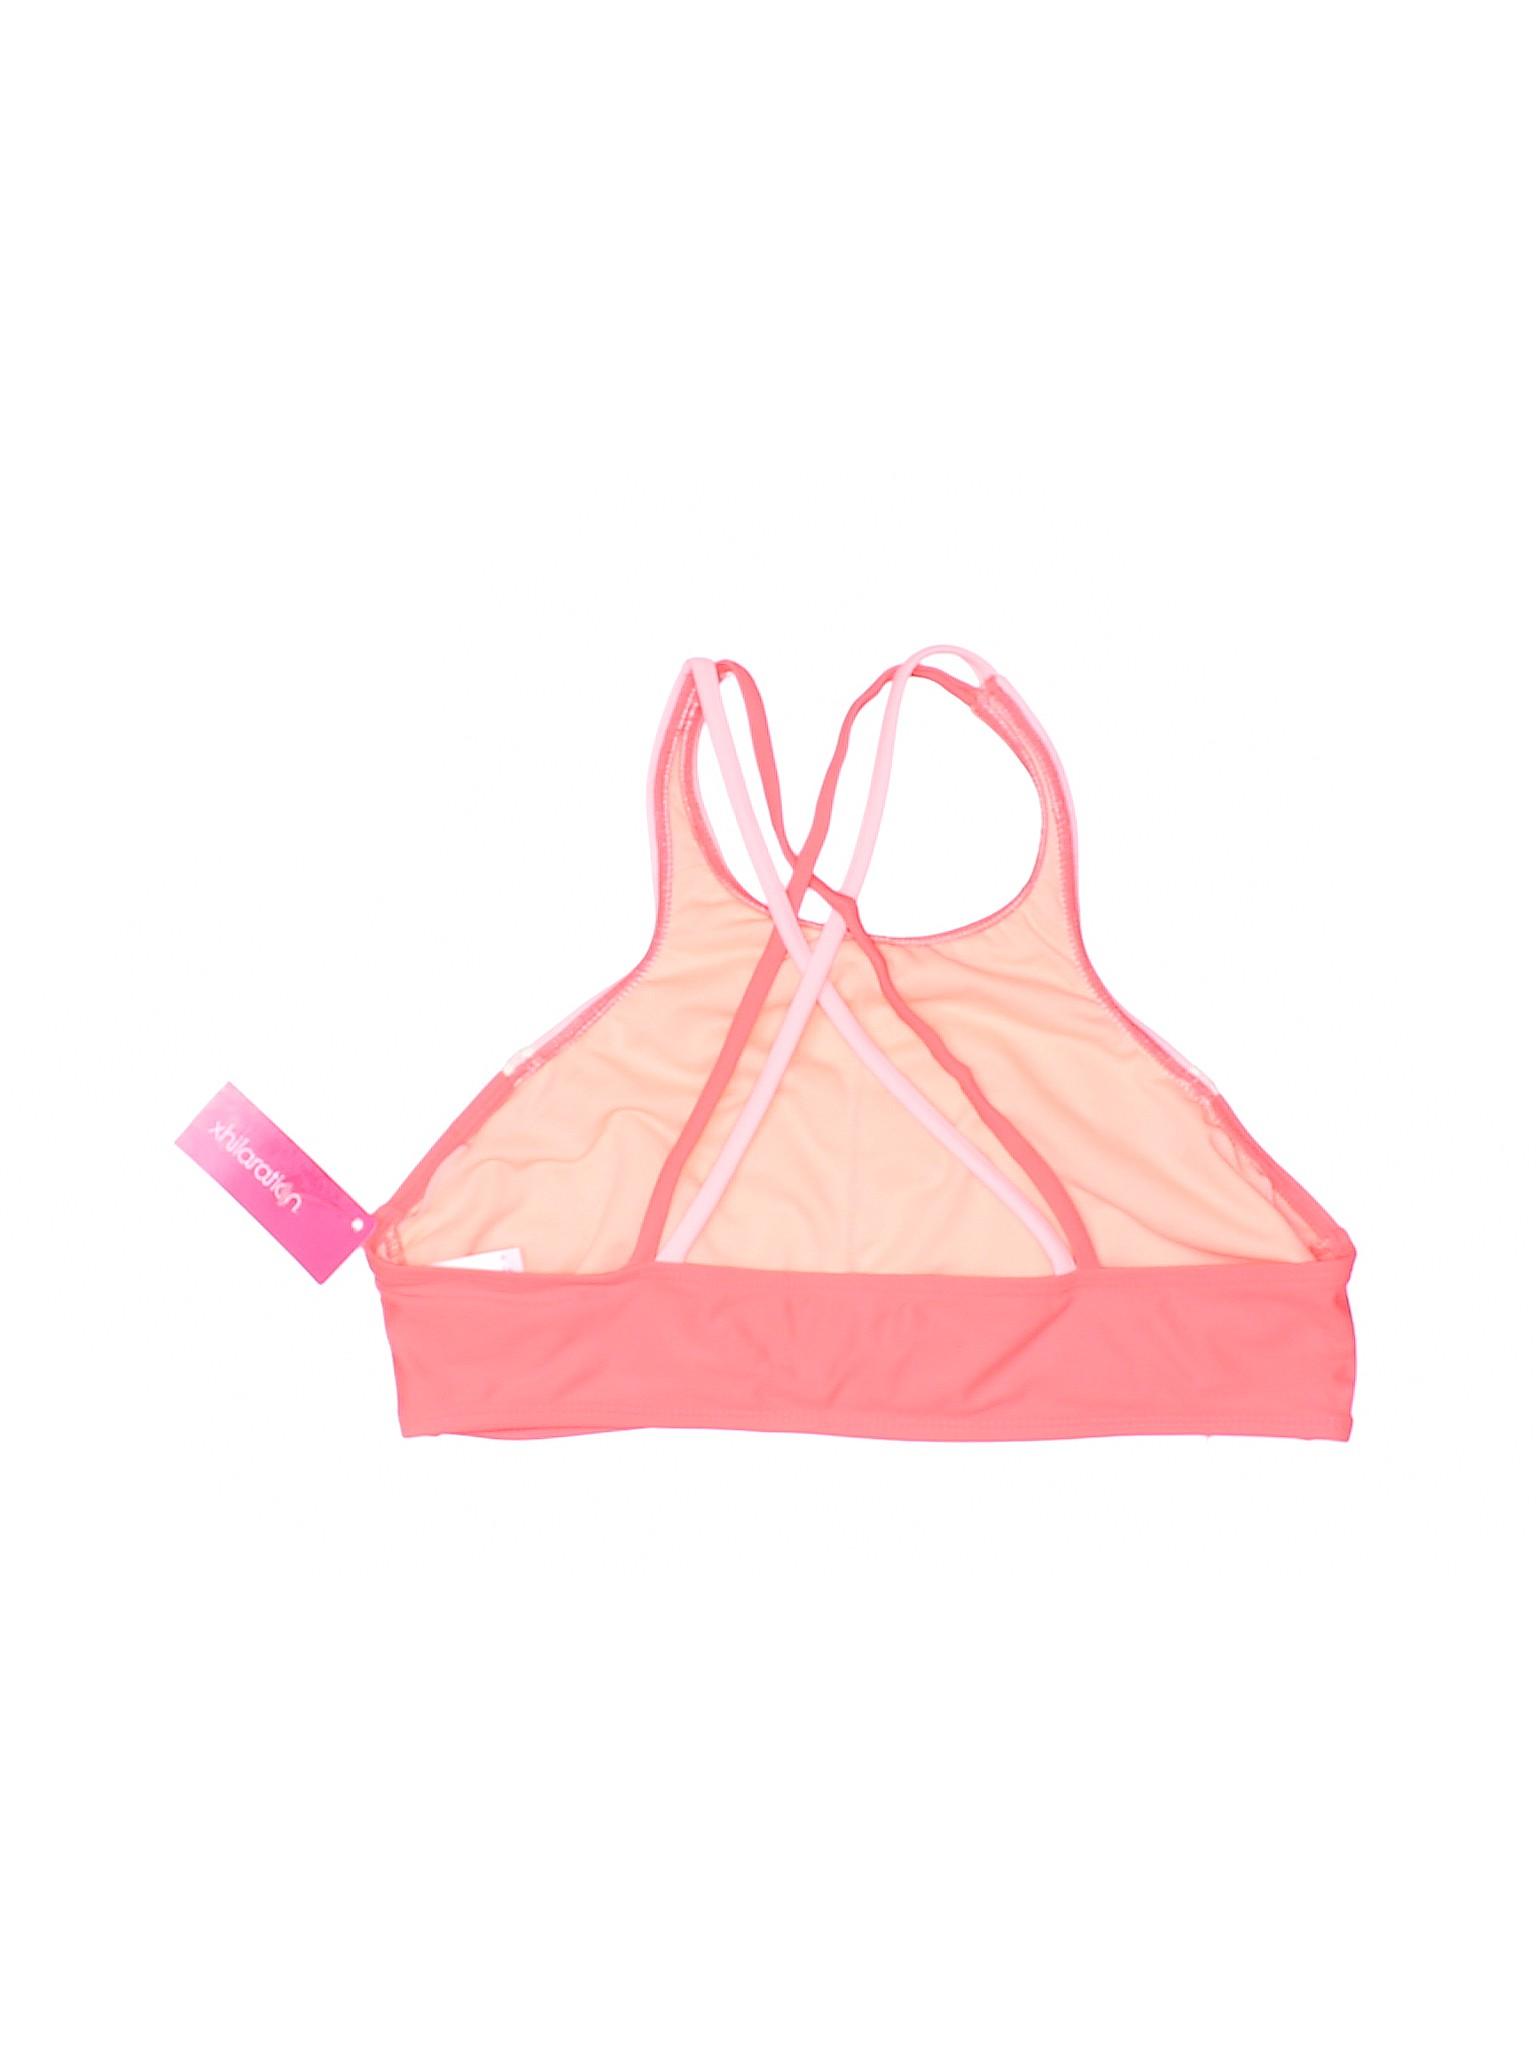 Top Boutique Boutique Swimsuit Xhilaration Xhilaration Xhilaration Boutique Swimsuit Top Swimsuit zf7wBBUtq